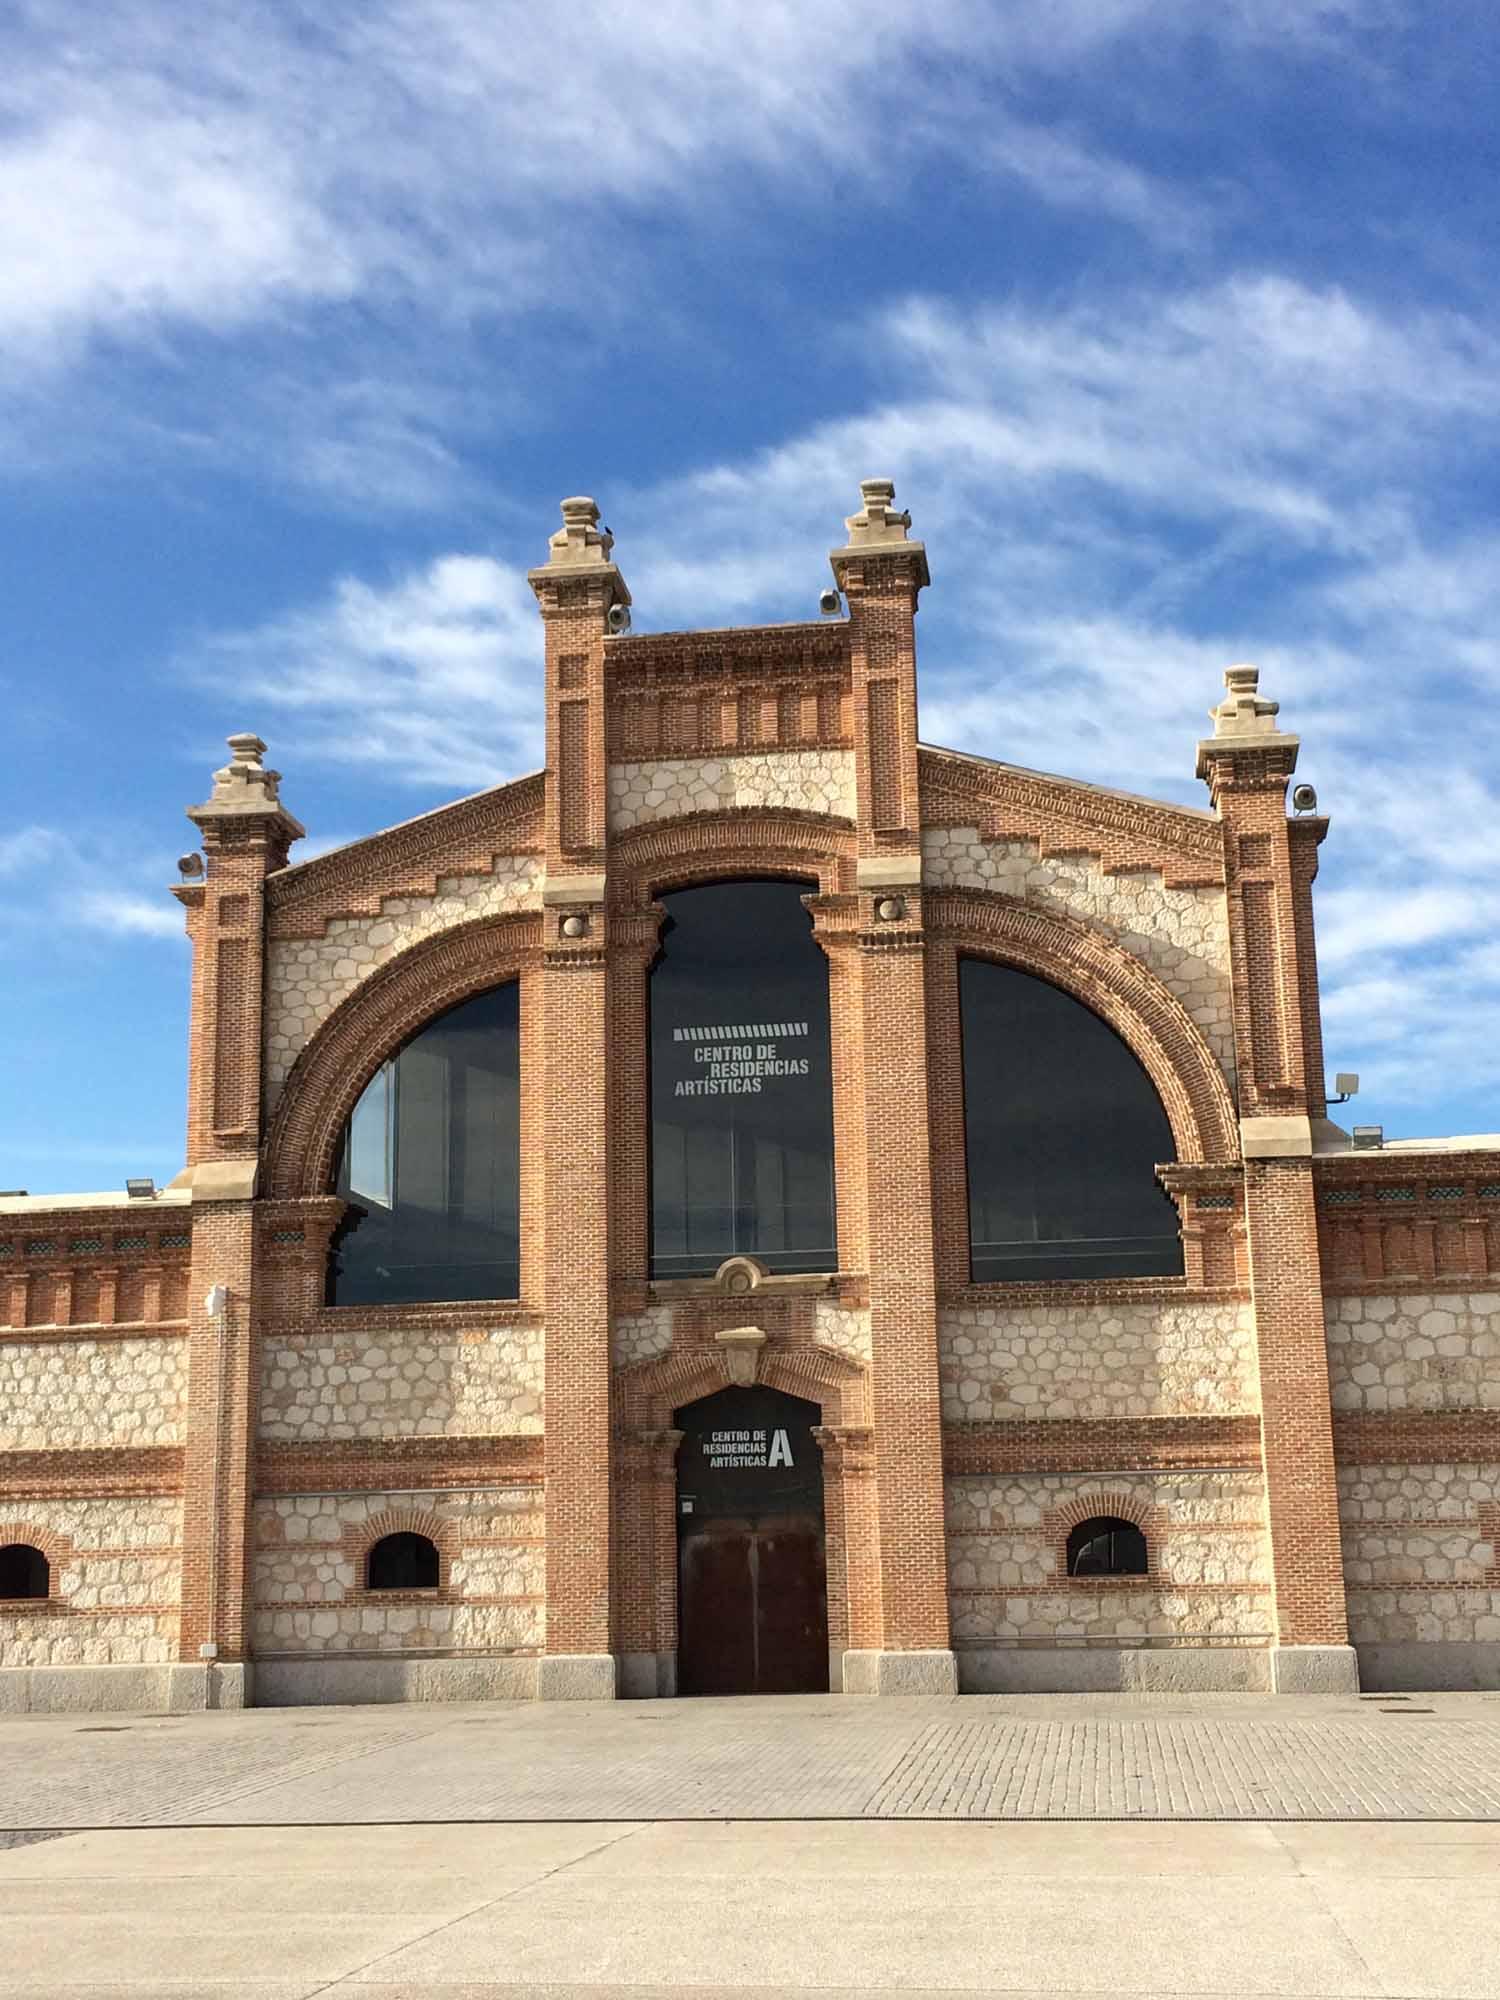 Centro de Residencias Artisticas, Matadero, Madrid.